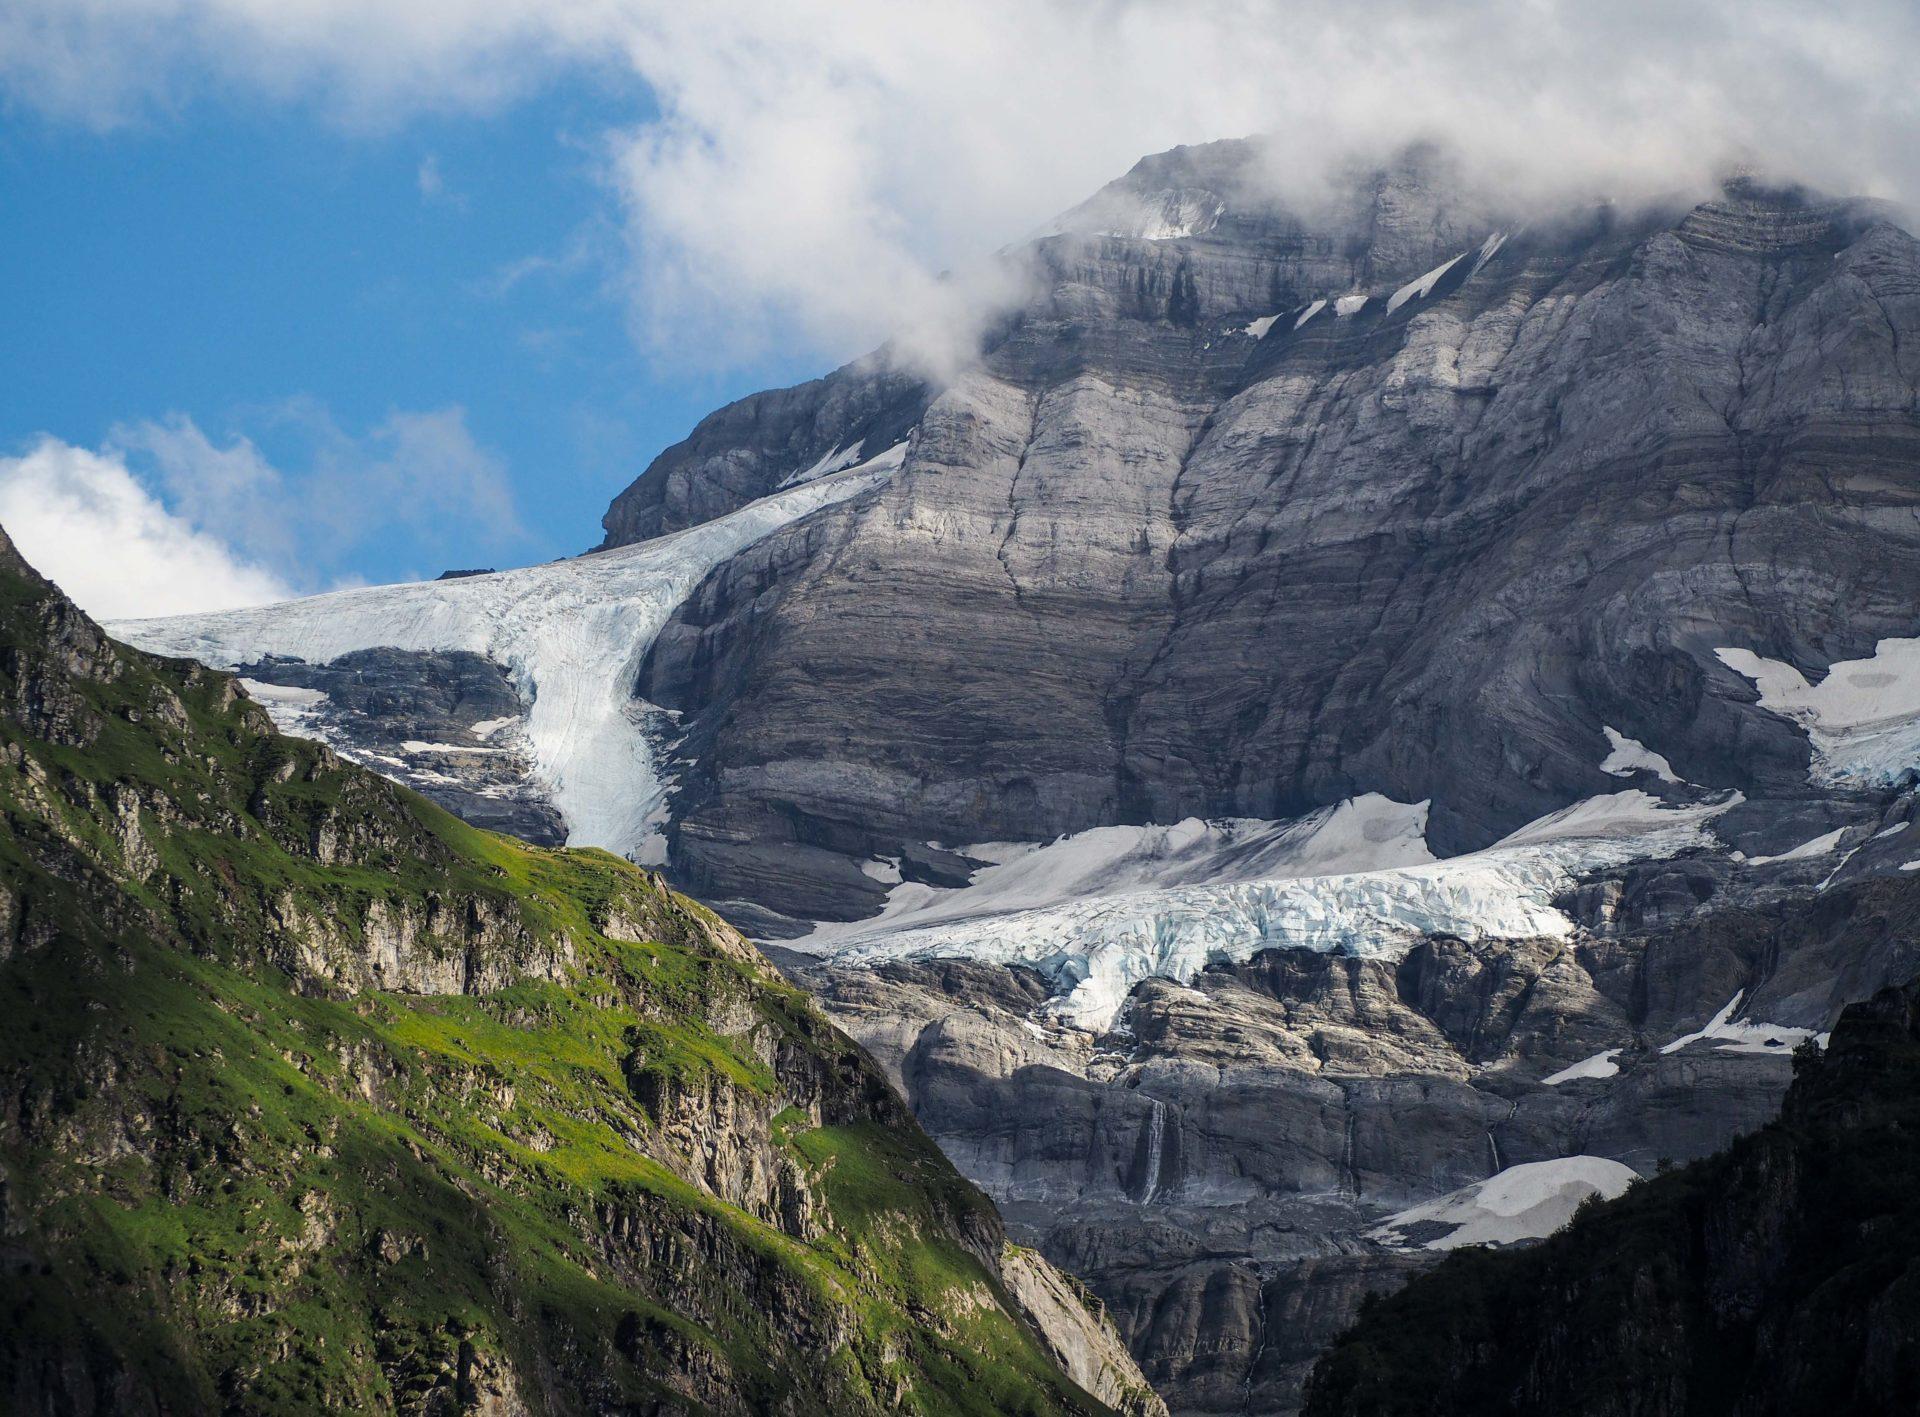 Ma récompense, la vue depuis le Refuge de Bonaveau - Faire le Tour des Dents du Midi en 6 jours en solo et en mode slow - Une randonnée itinérante, un trek à découvrir en Suisse dans le Valais